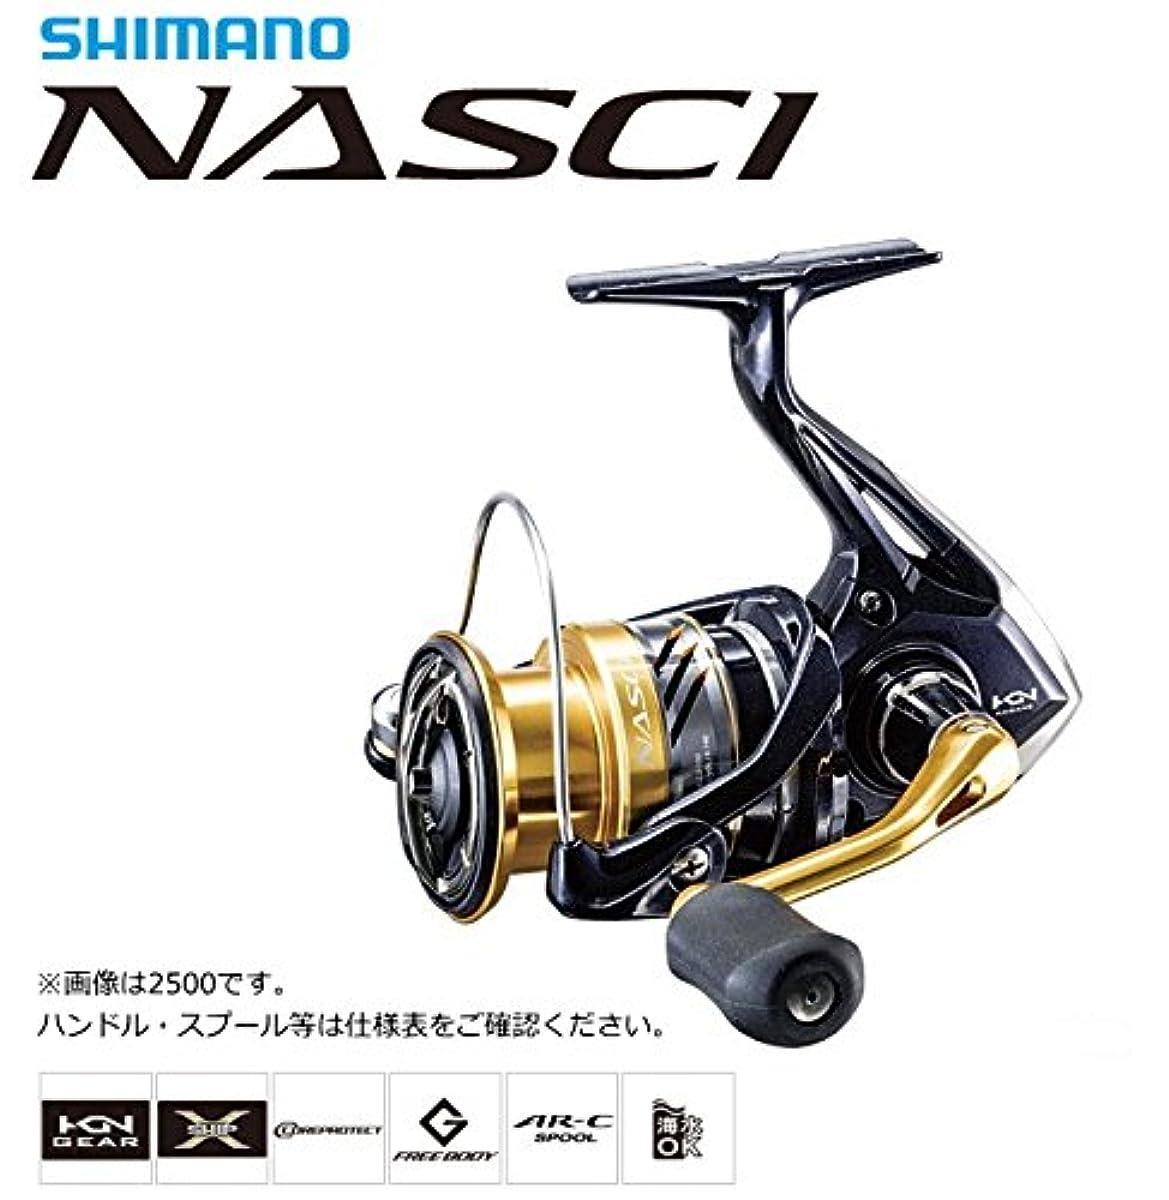 [해외] 당일발송 시마노 릴 16 나스키 NASCI 2500